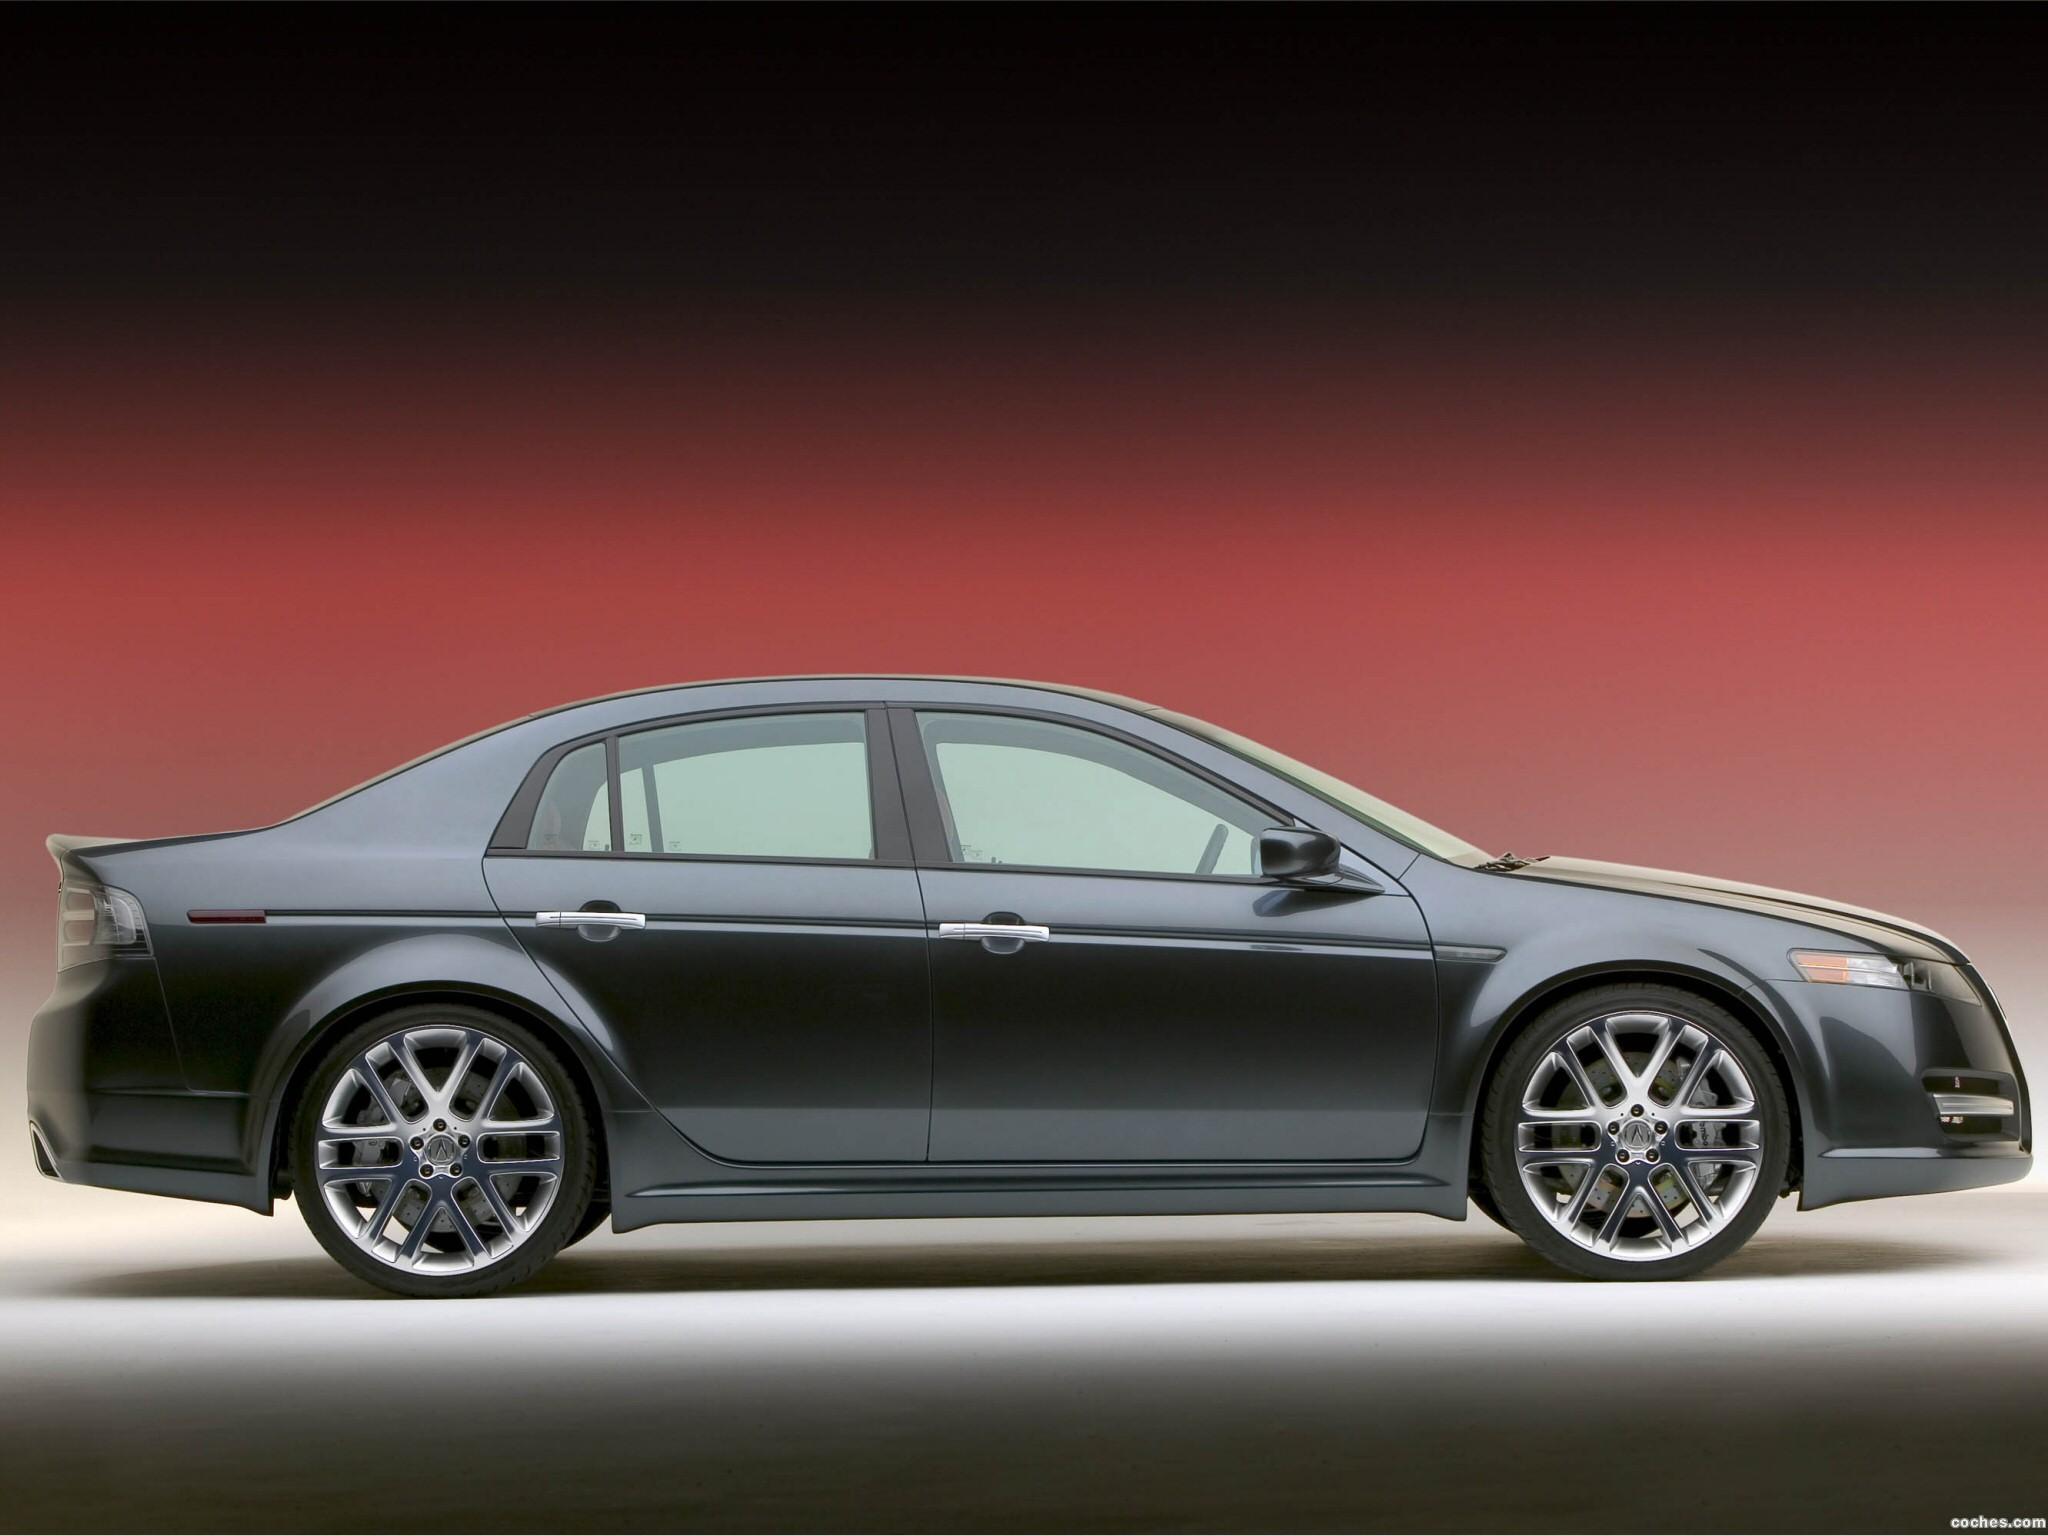 Foto 5 de Acura TL A-Spec Concept 2003